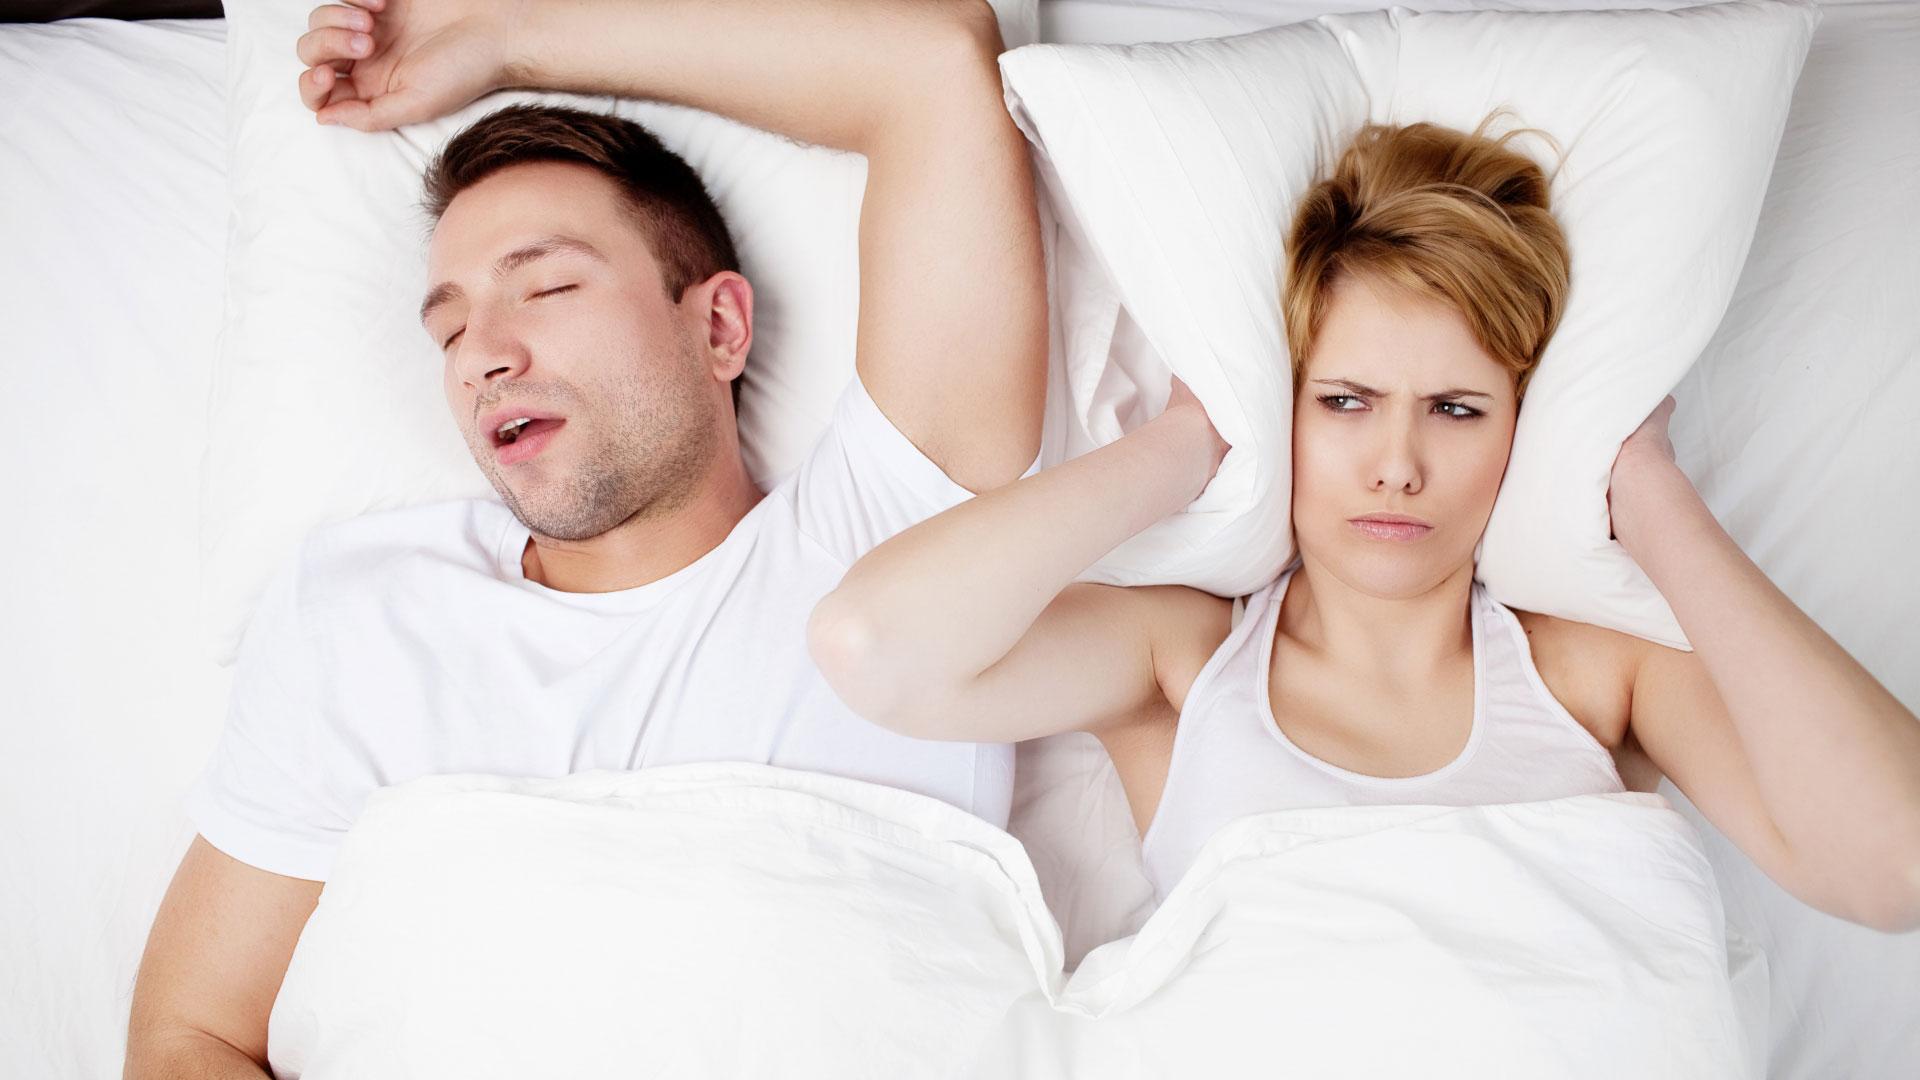 Snoring Health Risks